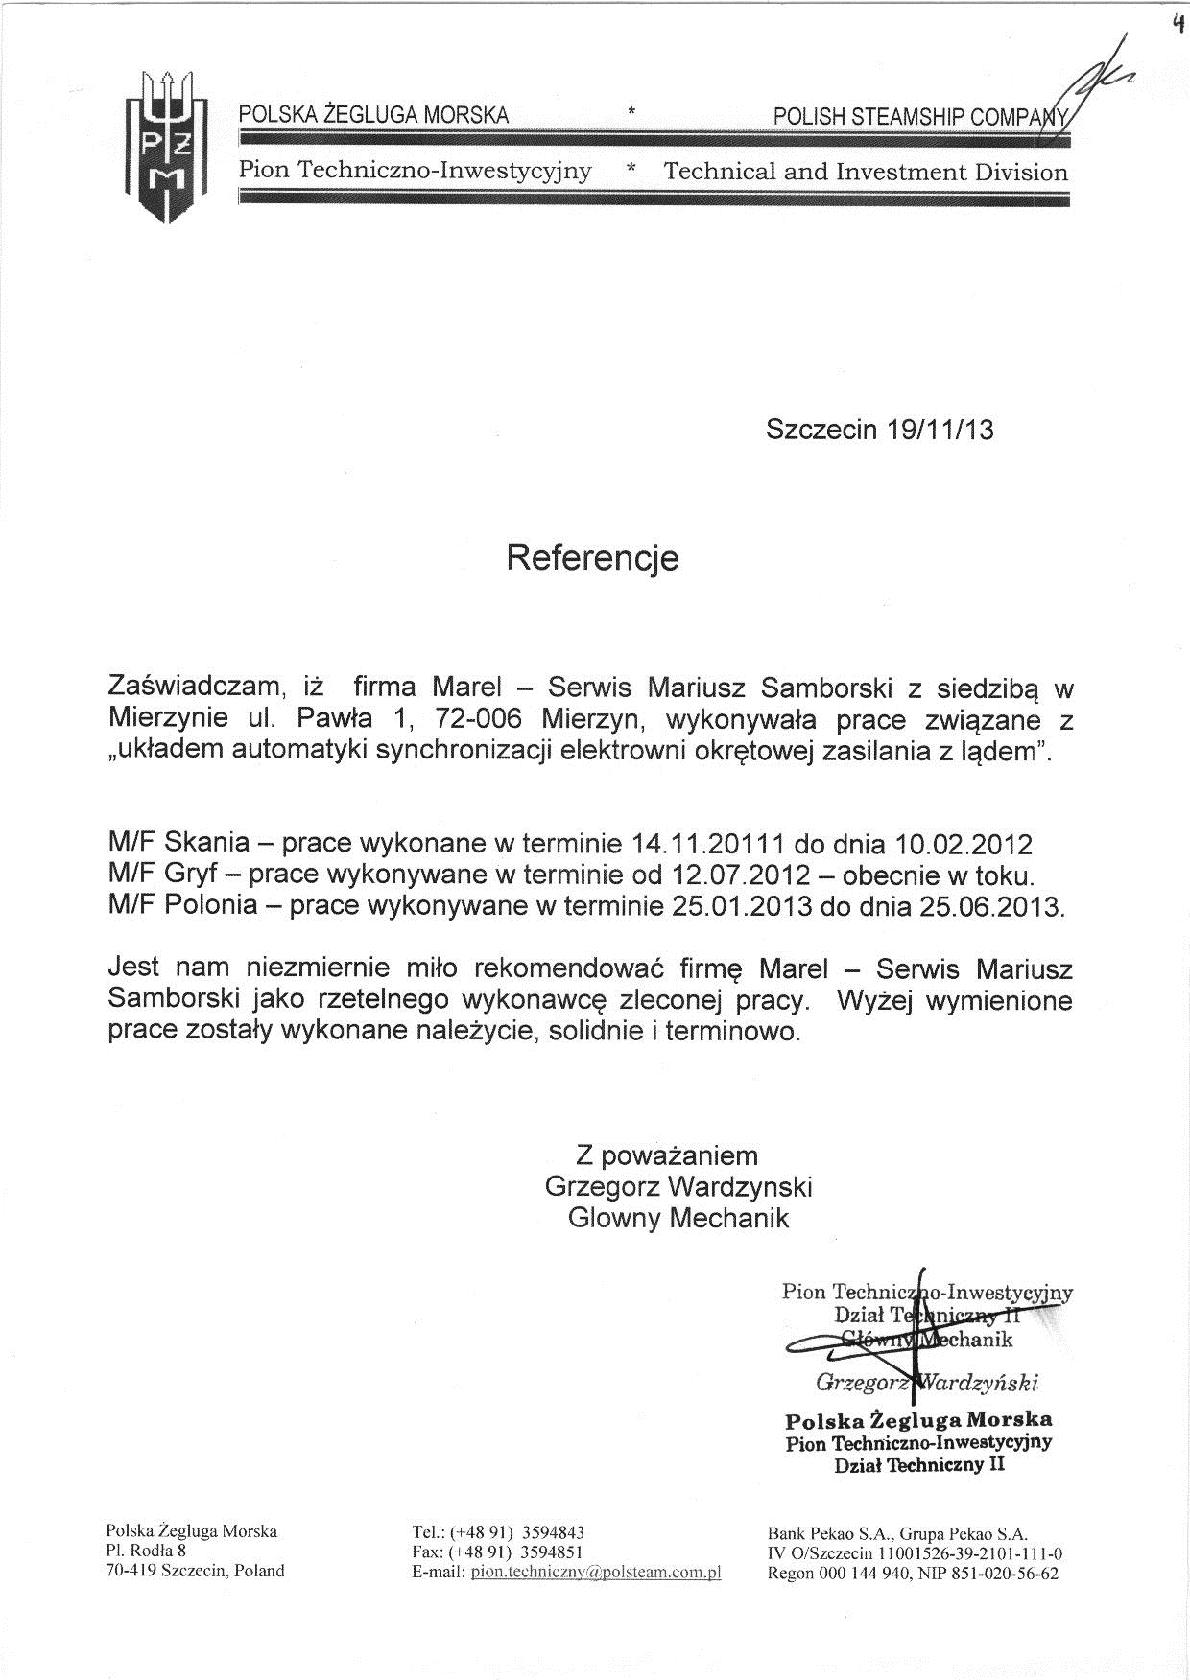 PZM_referencje2